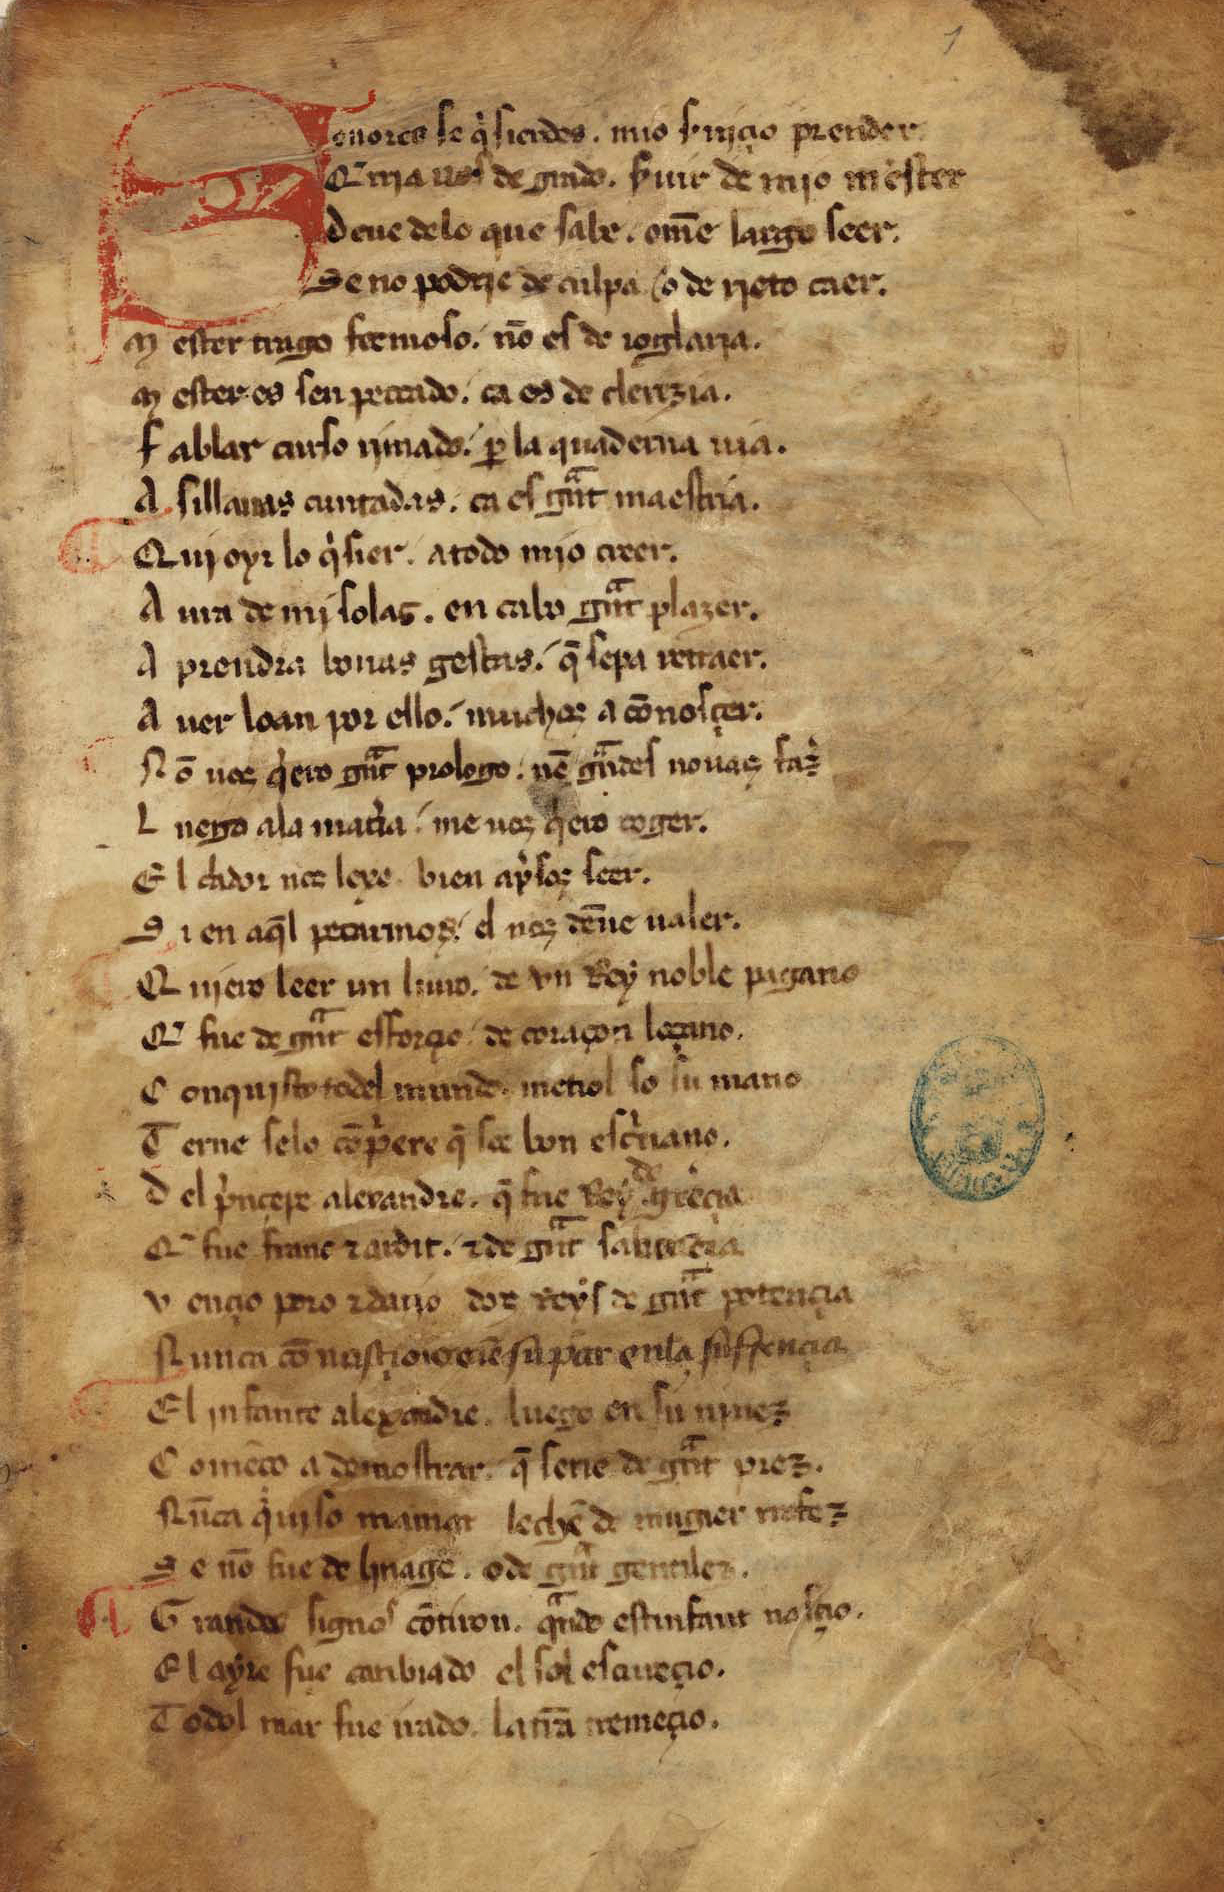 Aprende español... medieval